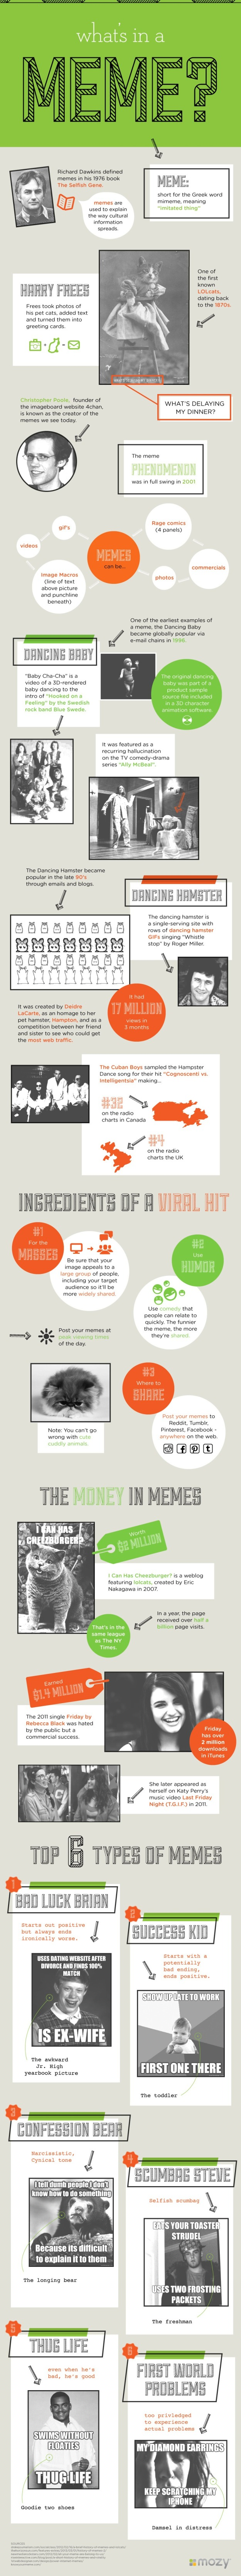 meme-infographic